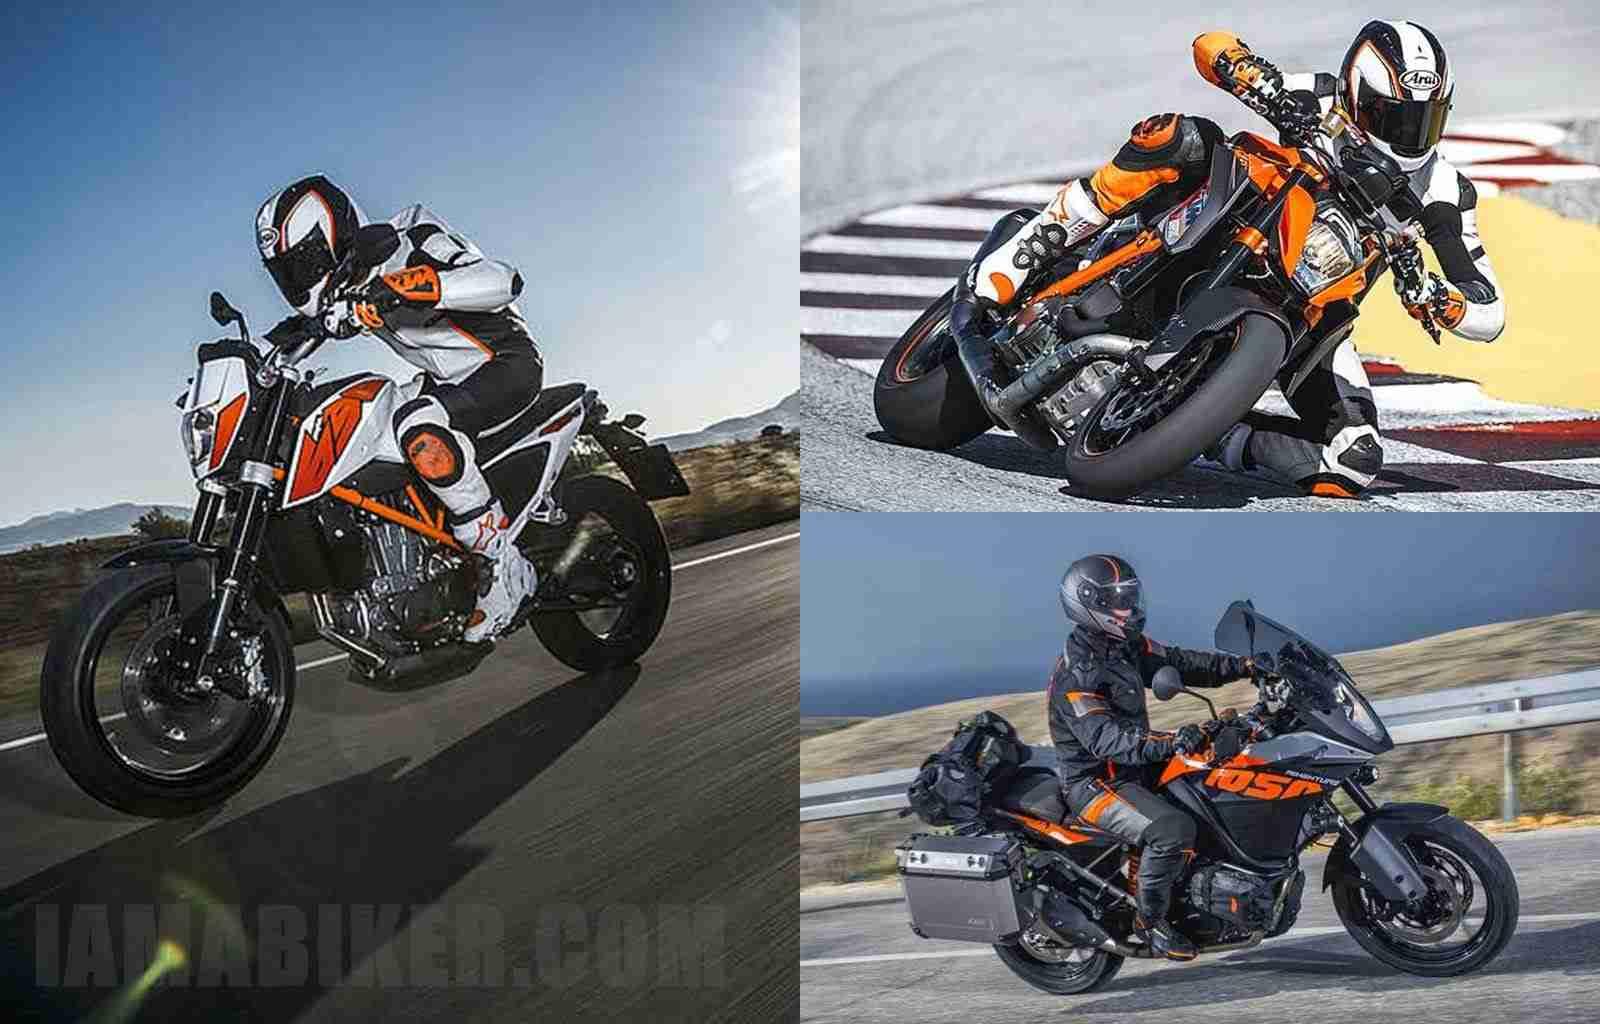 2015 KTM launches